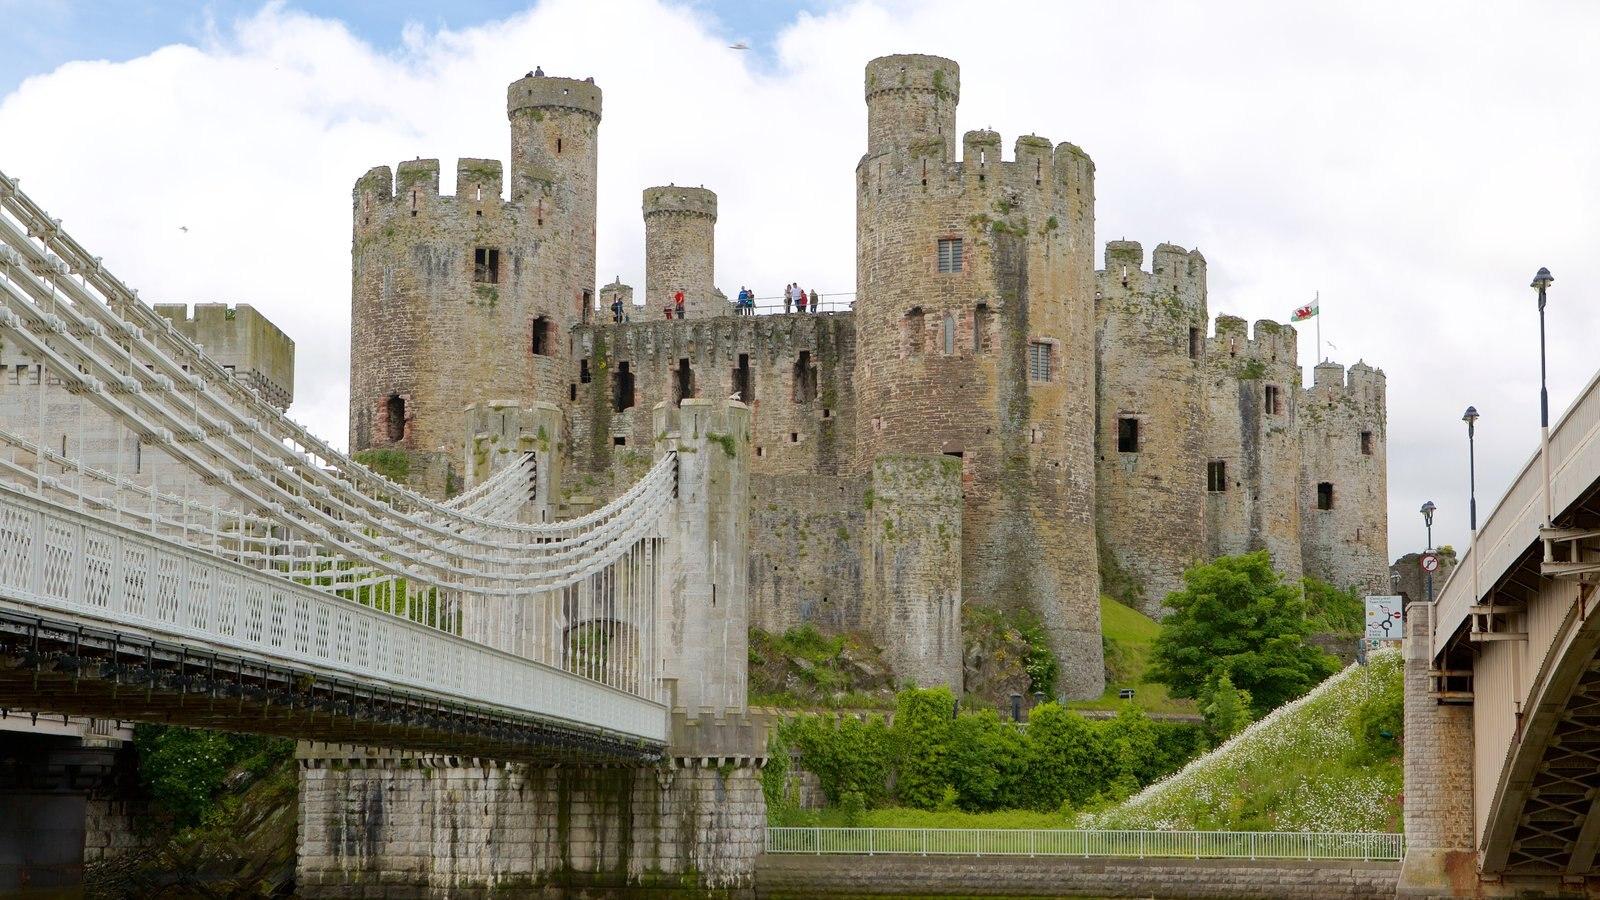 Castillo de Conwy ofreciendo castillo o palacio, elementos del patrimonio y un puente